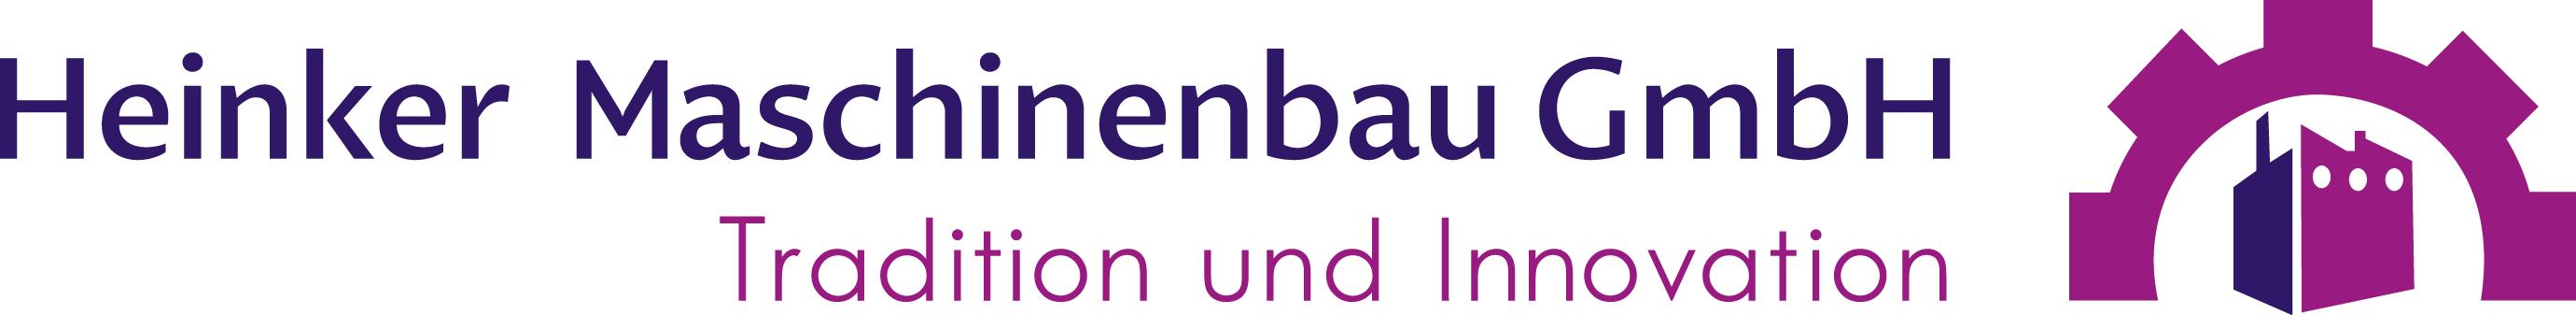 Heinker GmbH